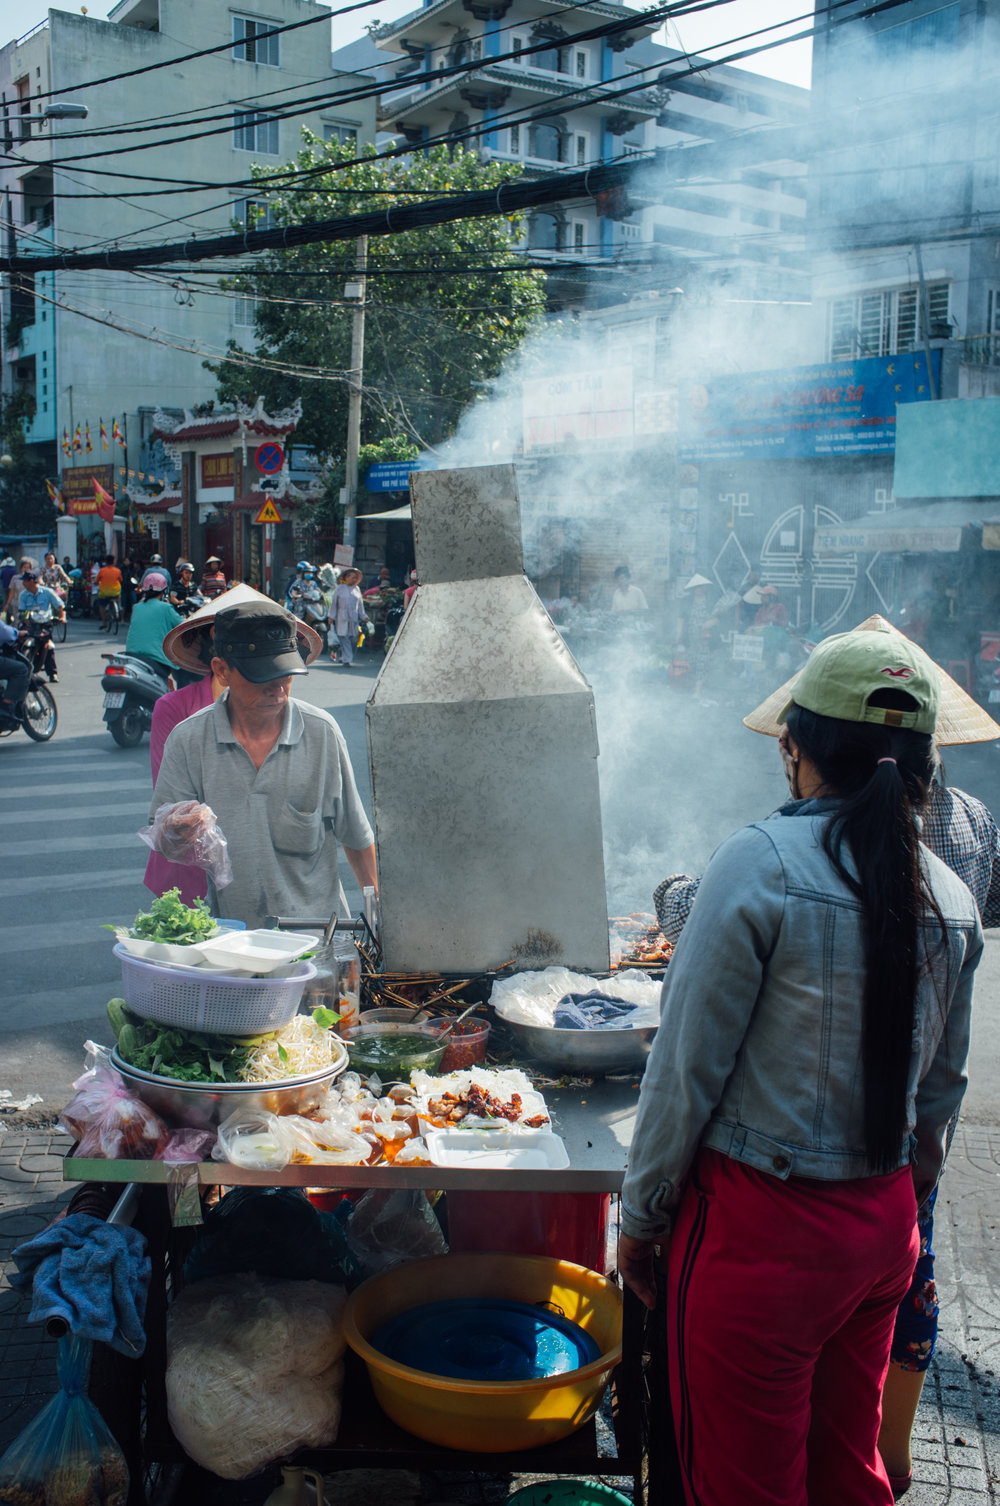 Bún Thịt Nướng smoking away